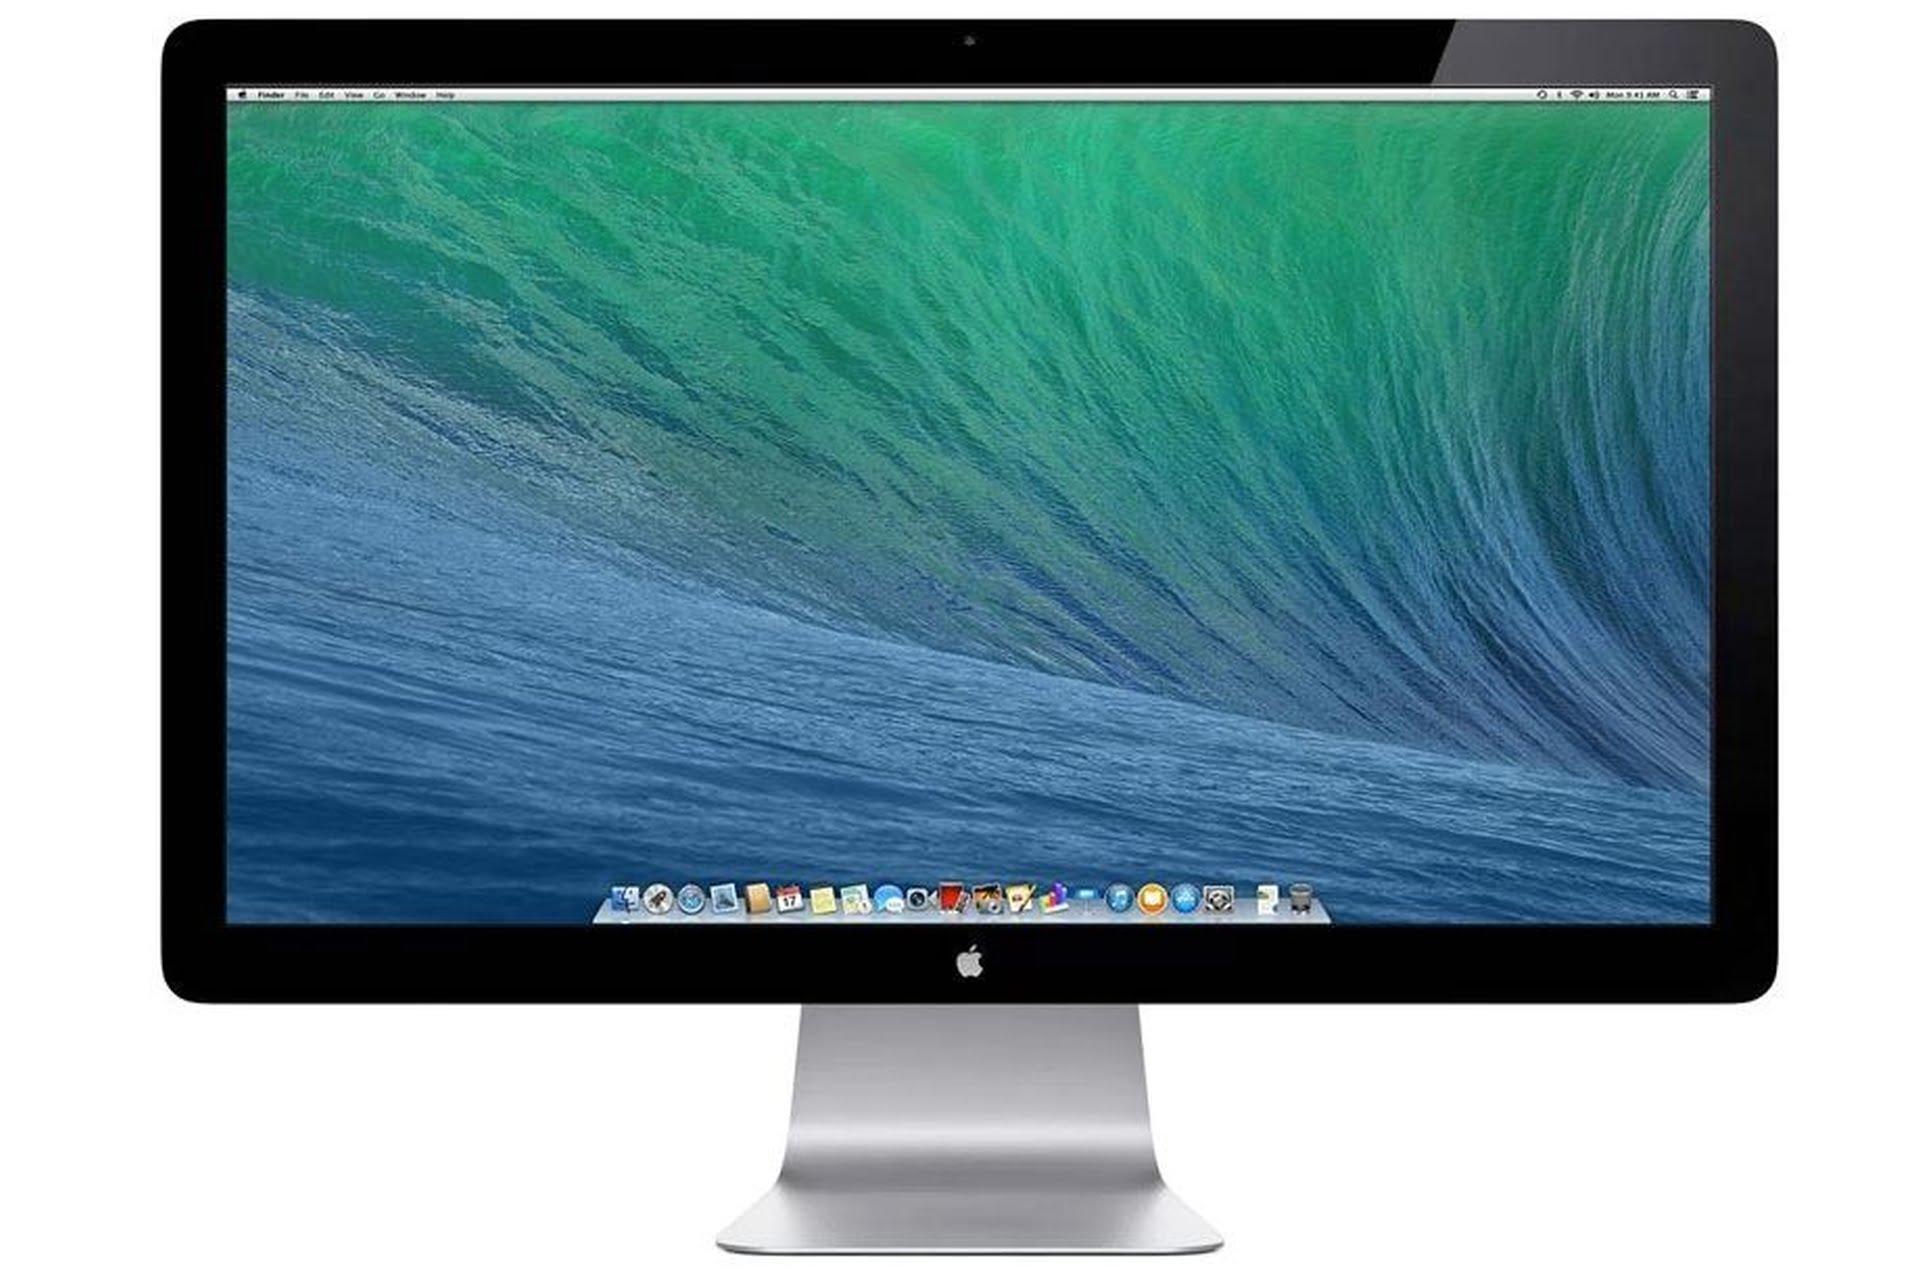 Na liście starych produktów znalazł się Apple Thunderbolt Display